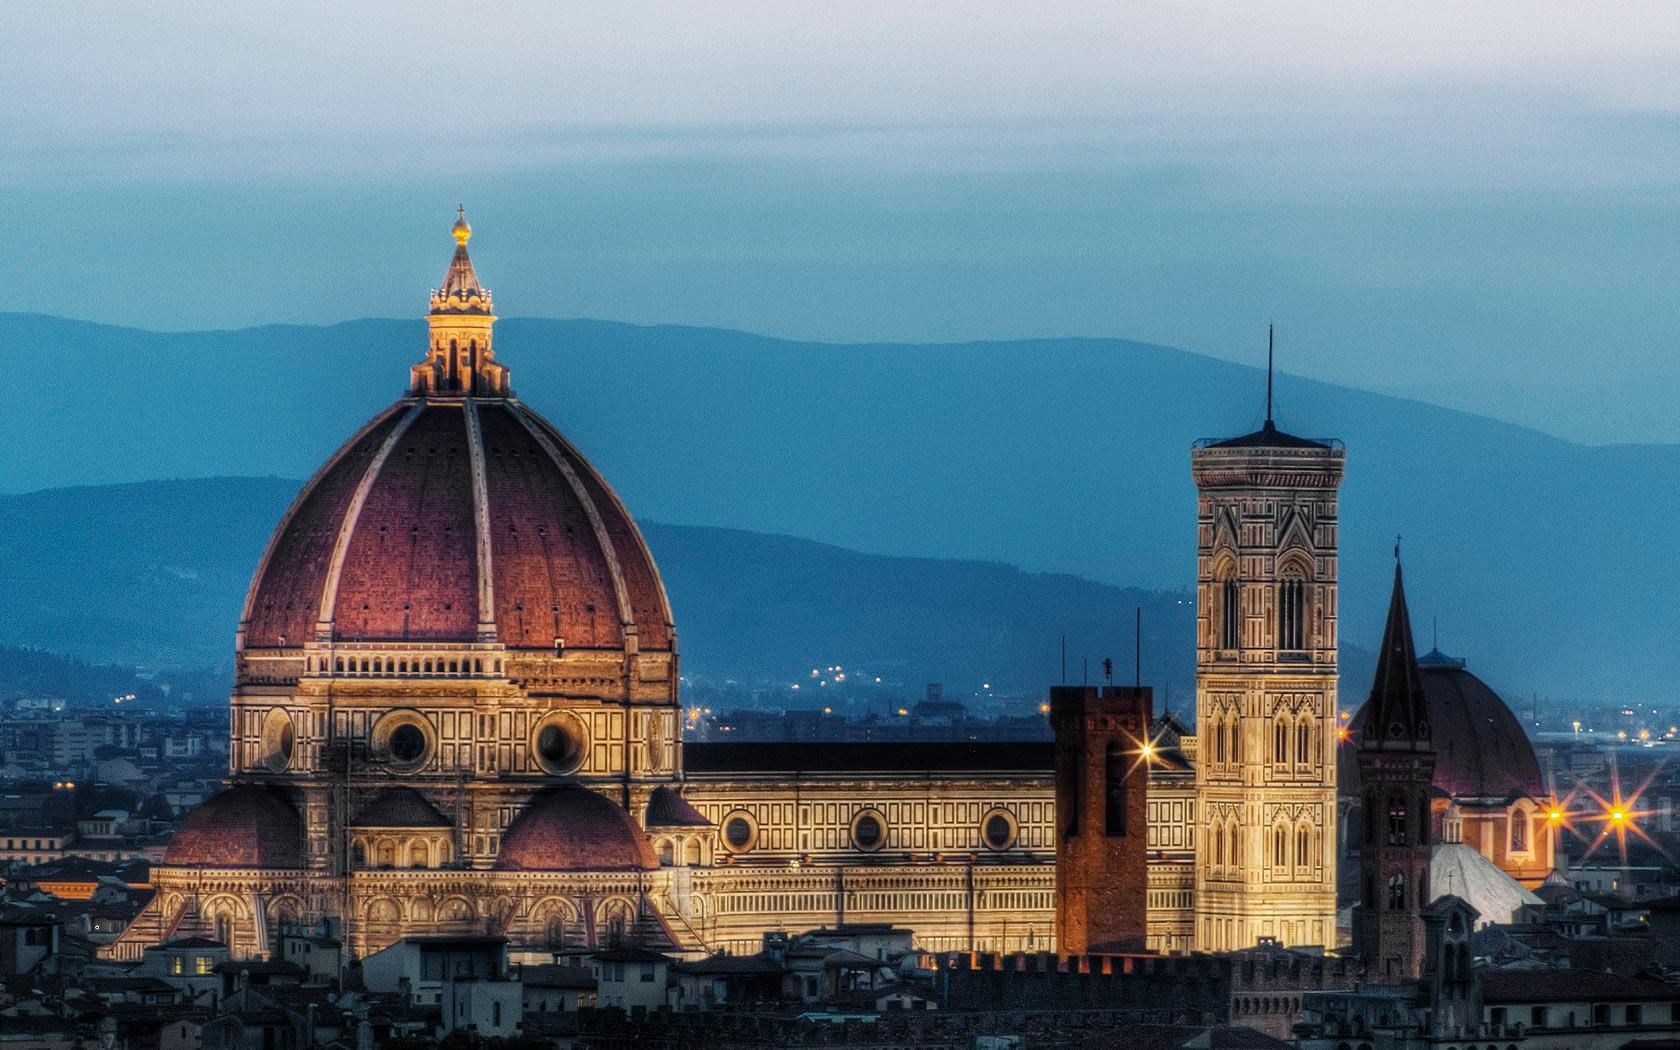 Busca vuelos a Florencia en cientos de webs de viajes en segundos